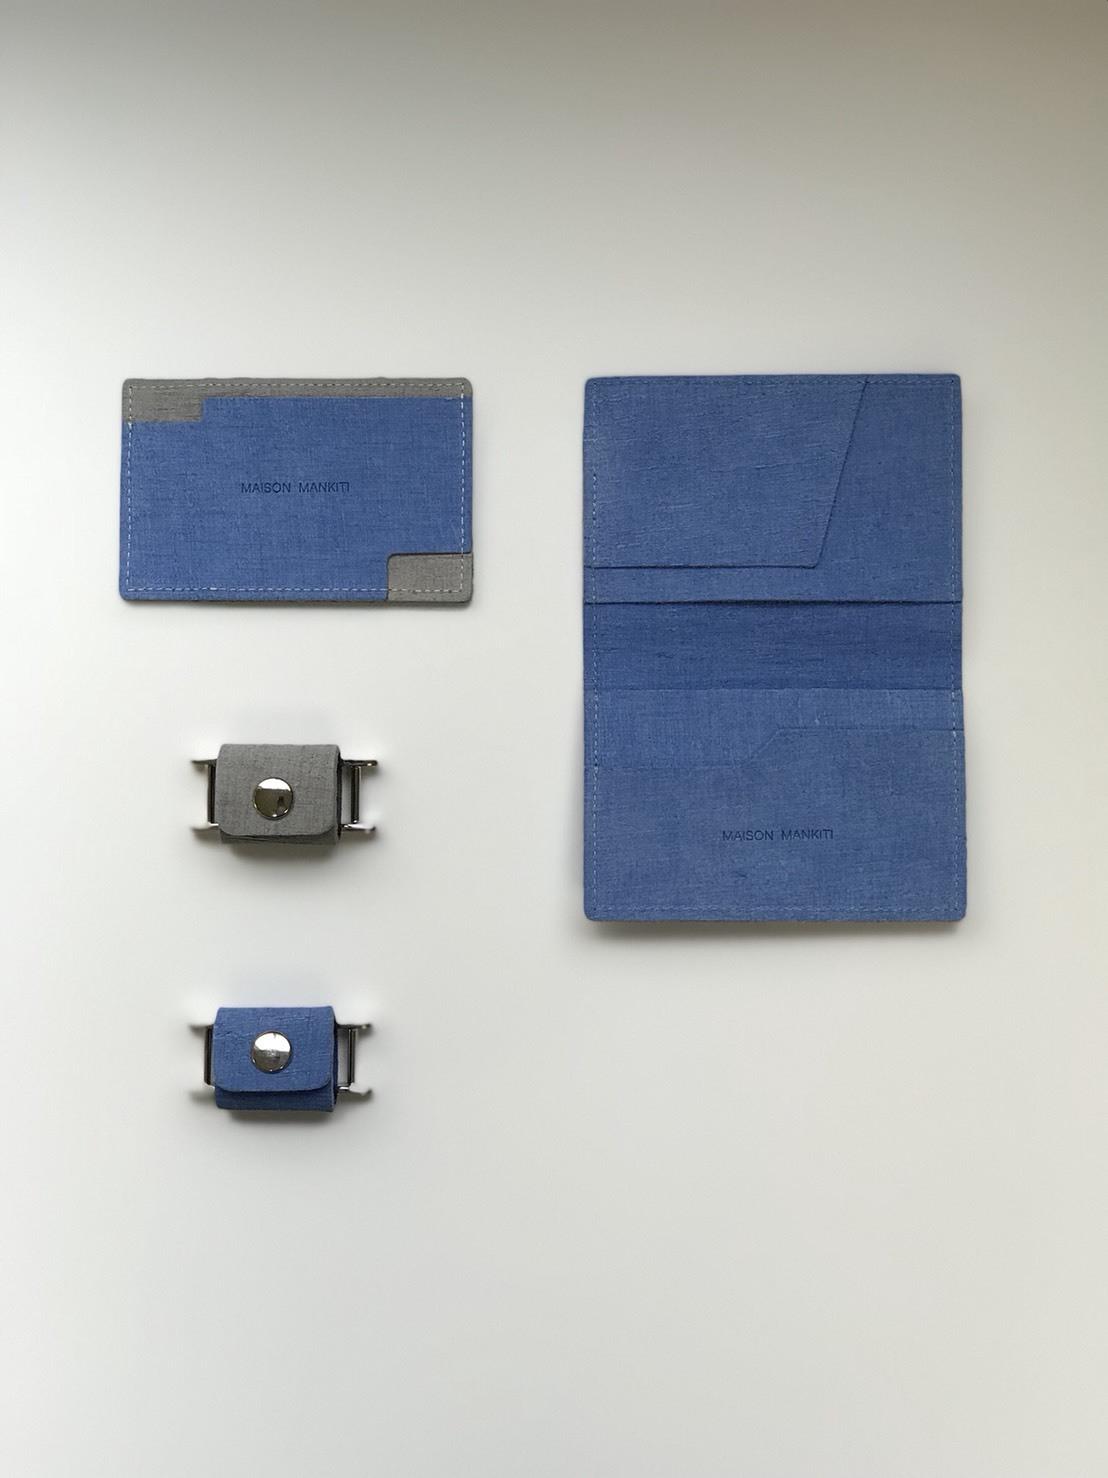 イヤホンコードホルダー ◻︎グレー◻︎ earphone cord holder - 画像5